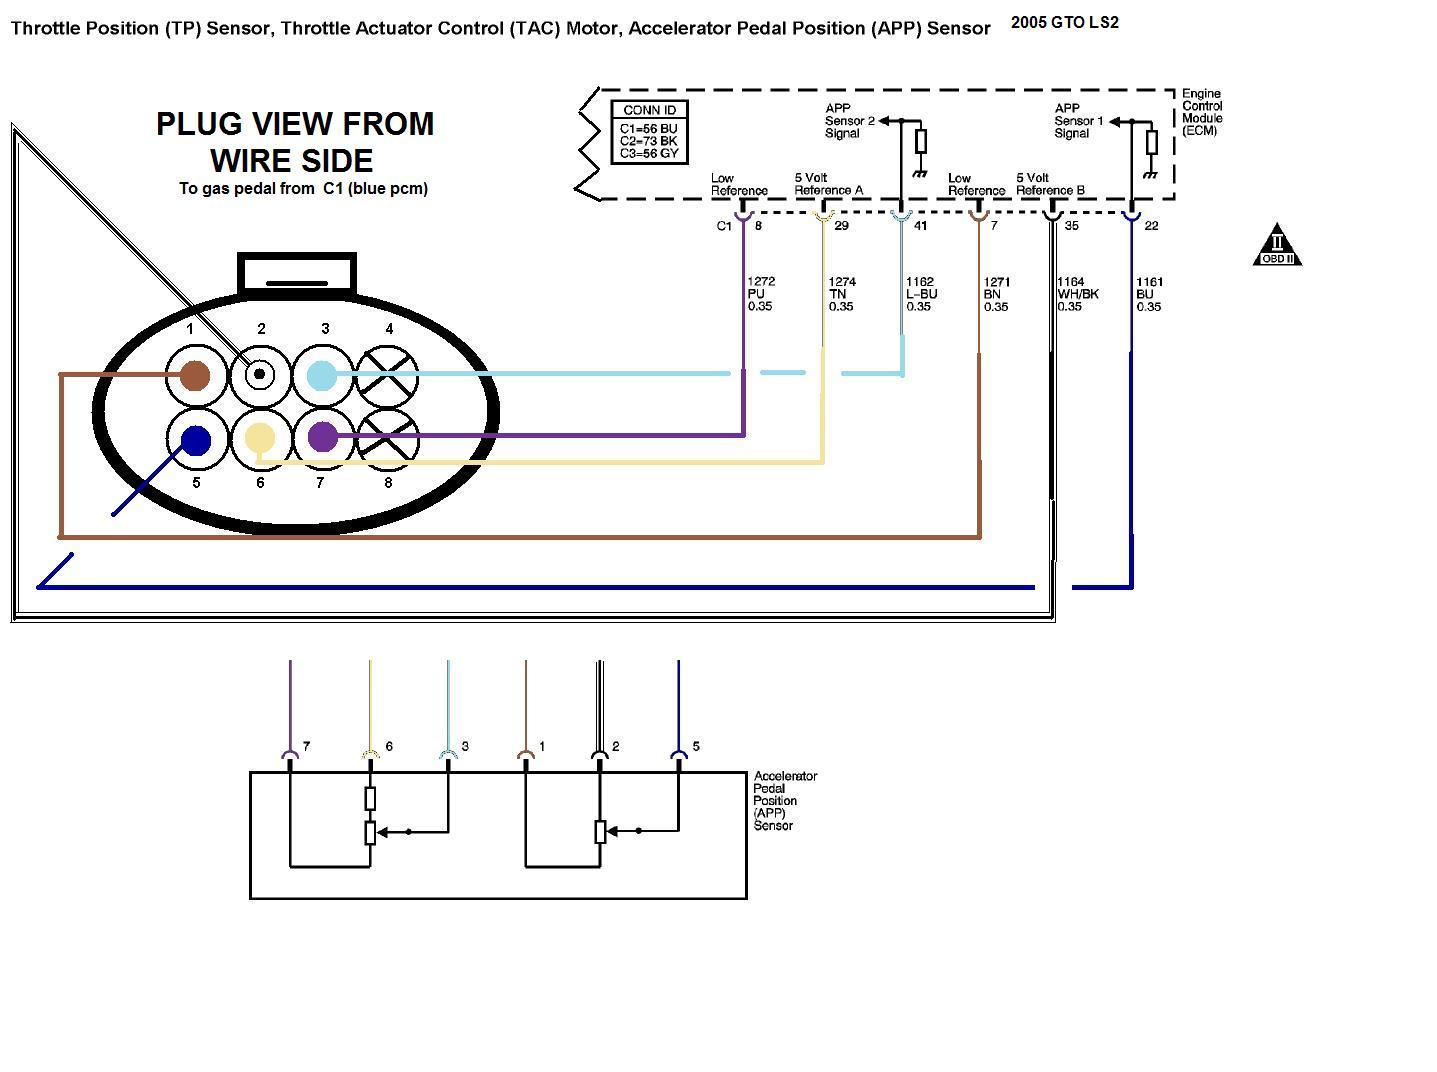 05 gto in s14 dbw throttle wiring help - ls1tech